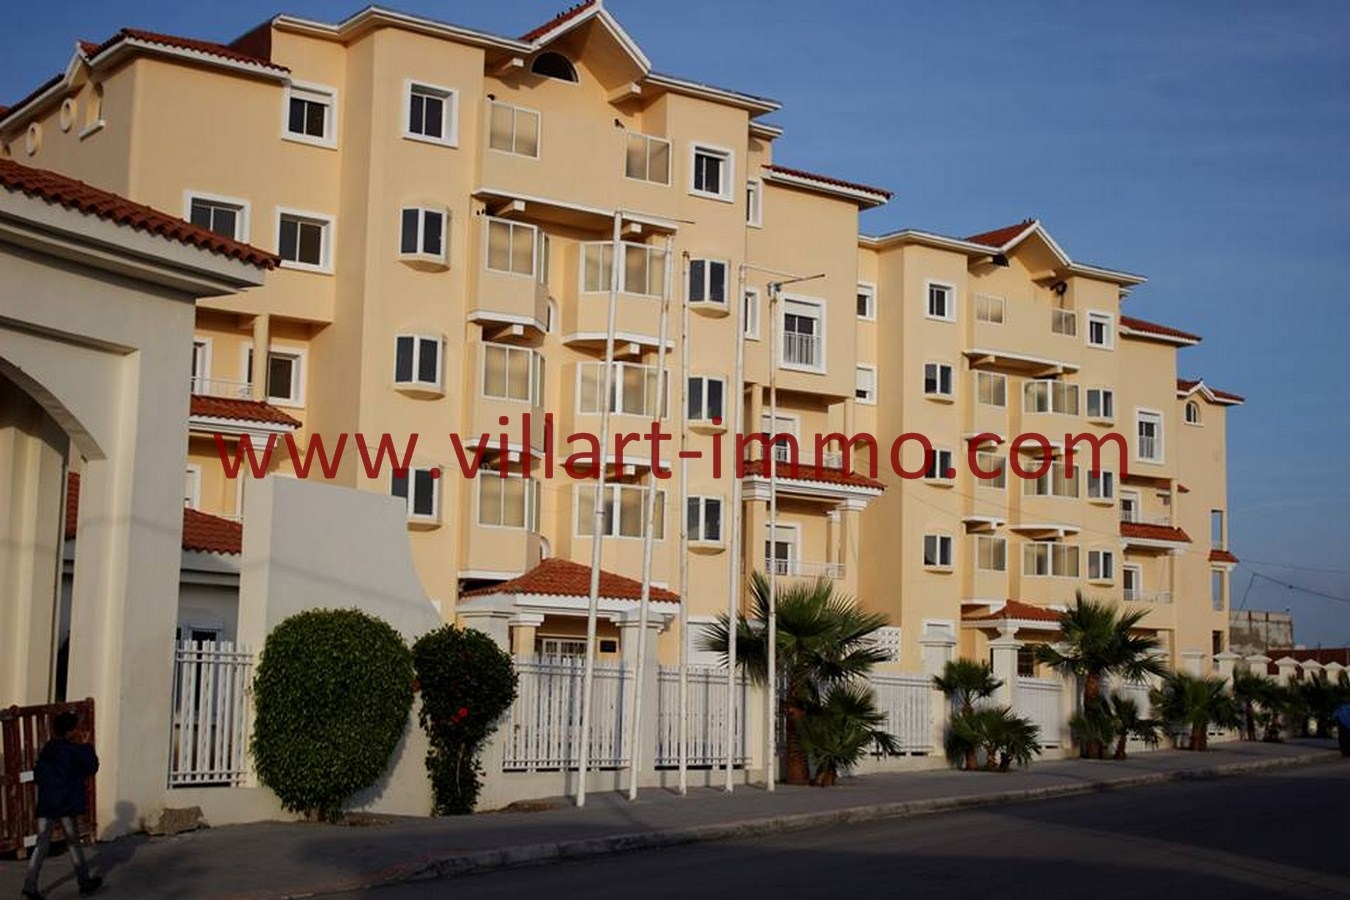 1-Vente-Projet Raiso-Tanger-Autres -Façade 1-Villart Immo